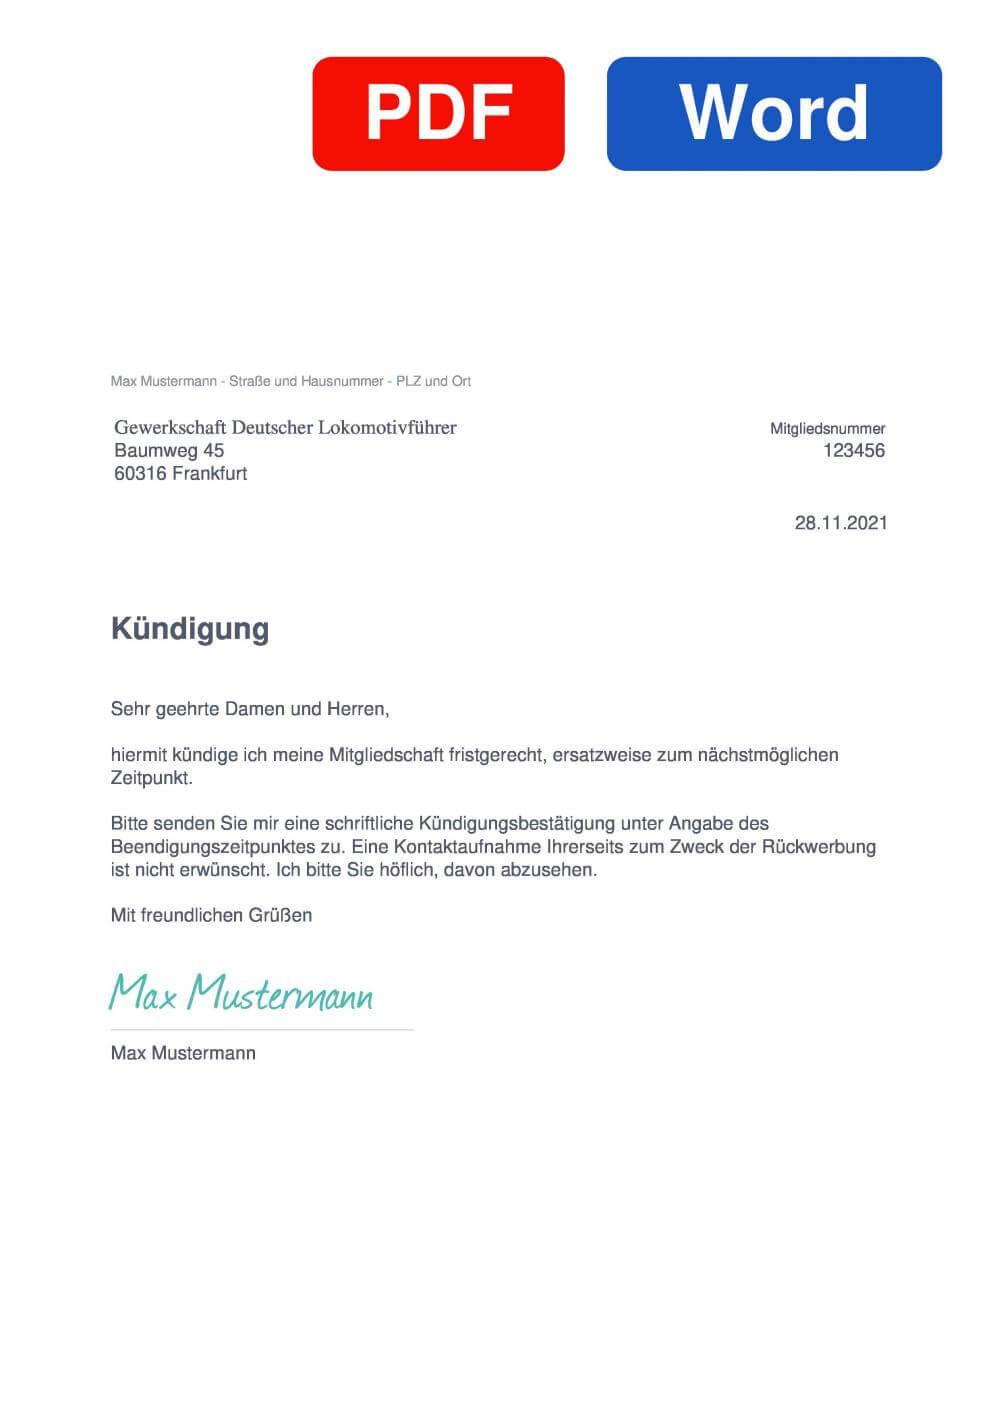 GDL Muster Vorlage für Kündigungsschreiben